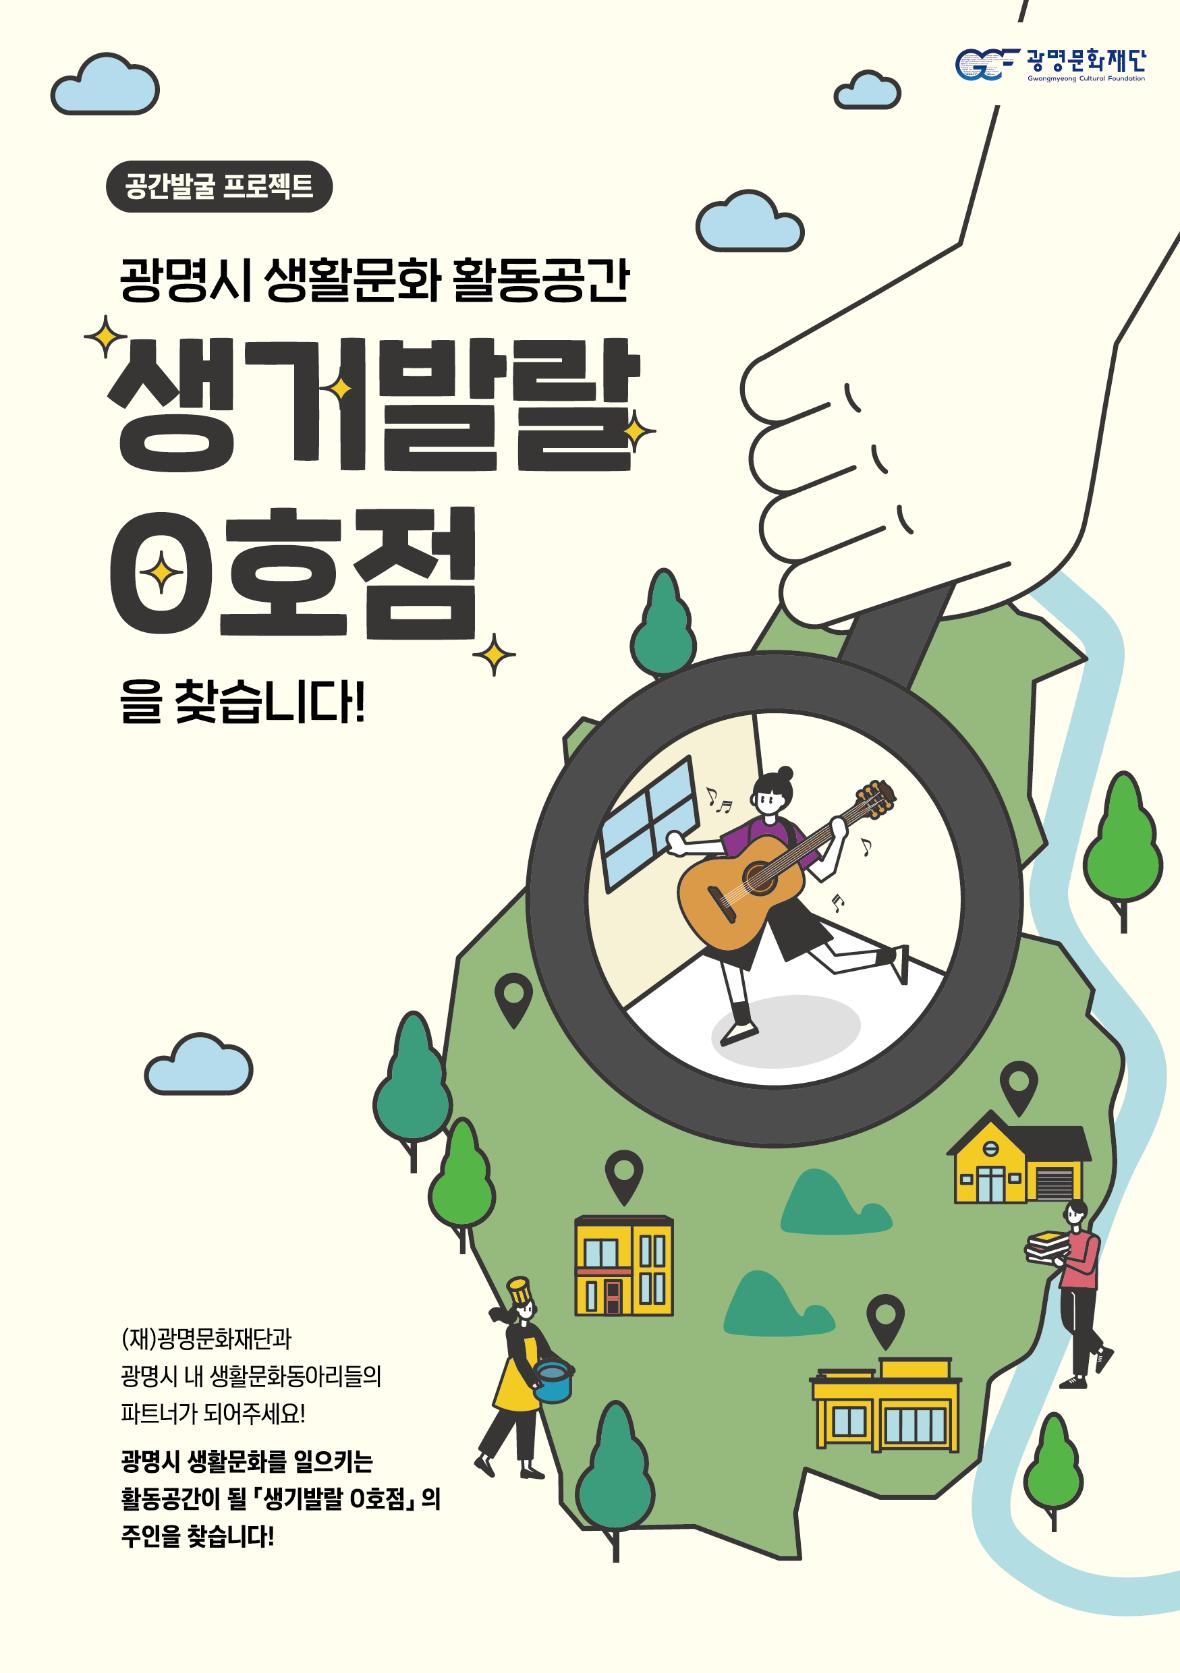 [광명문화재단]공간발굴프로젝트 리플렛_앞면.png